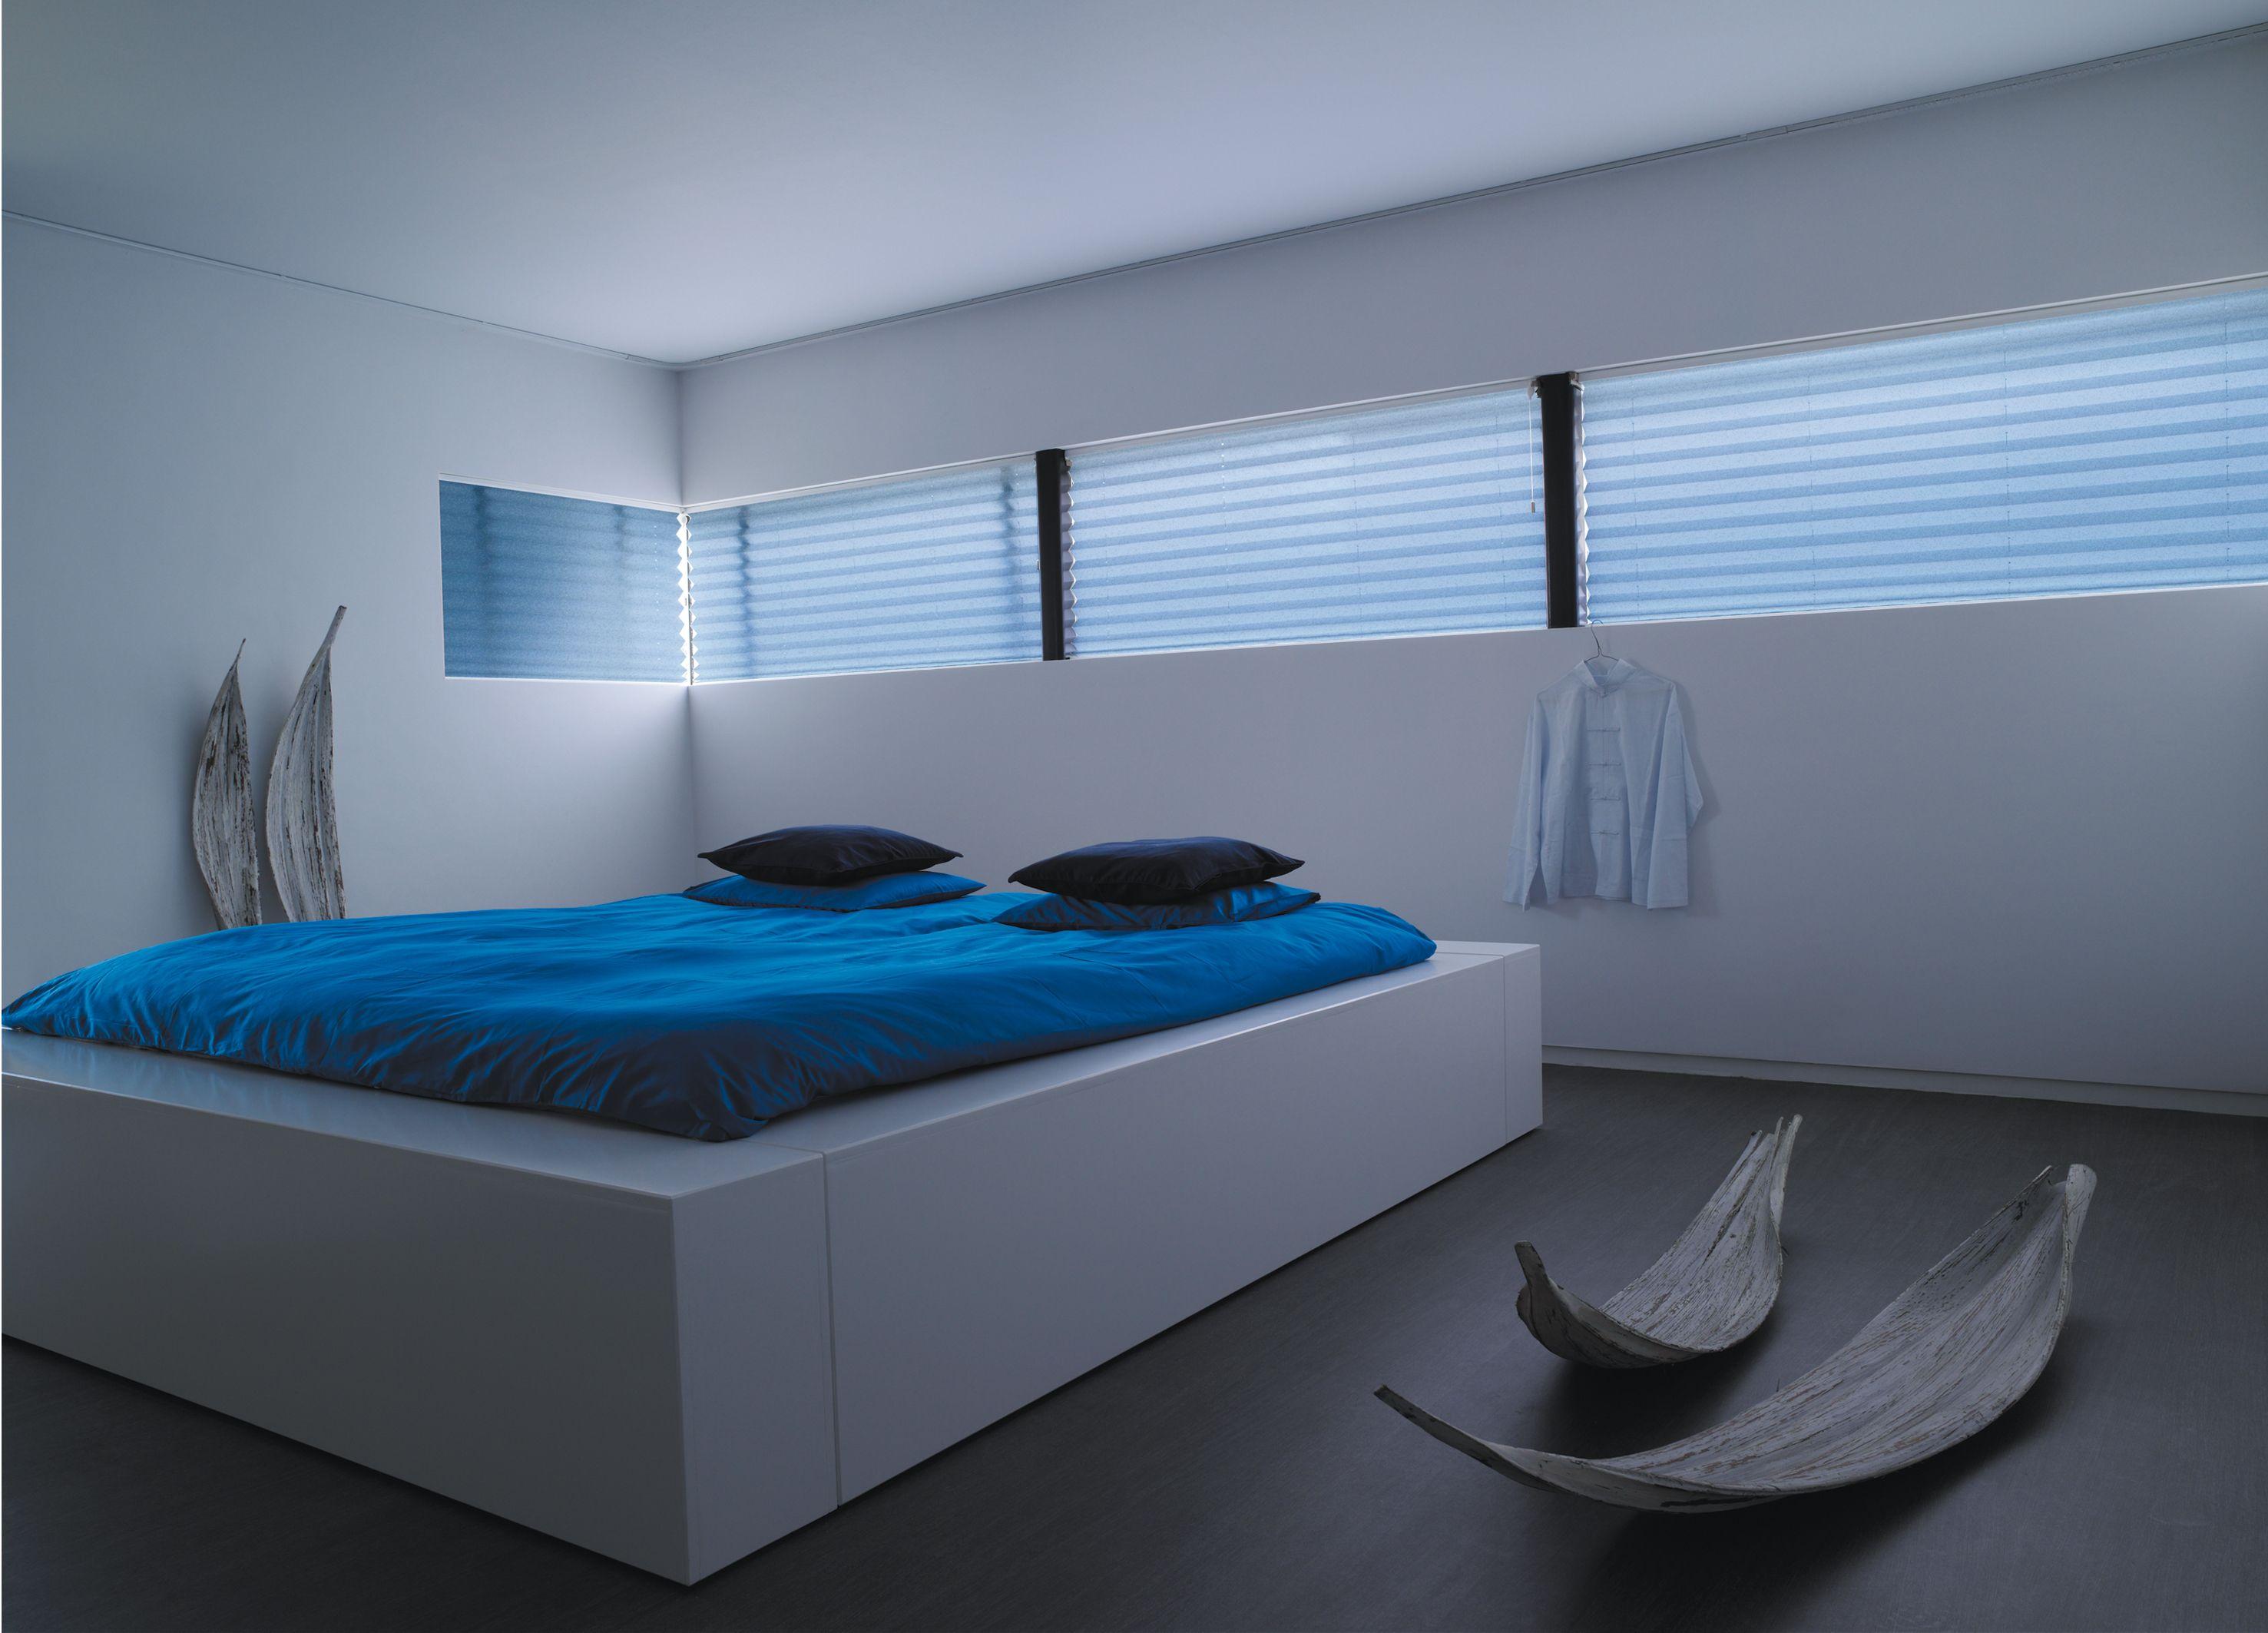 plisse gordijn 64 mm zon en scherm bv blauw de nieuwe trend van